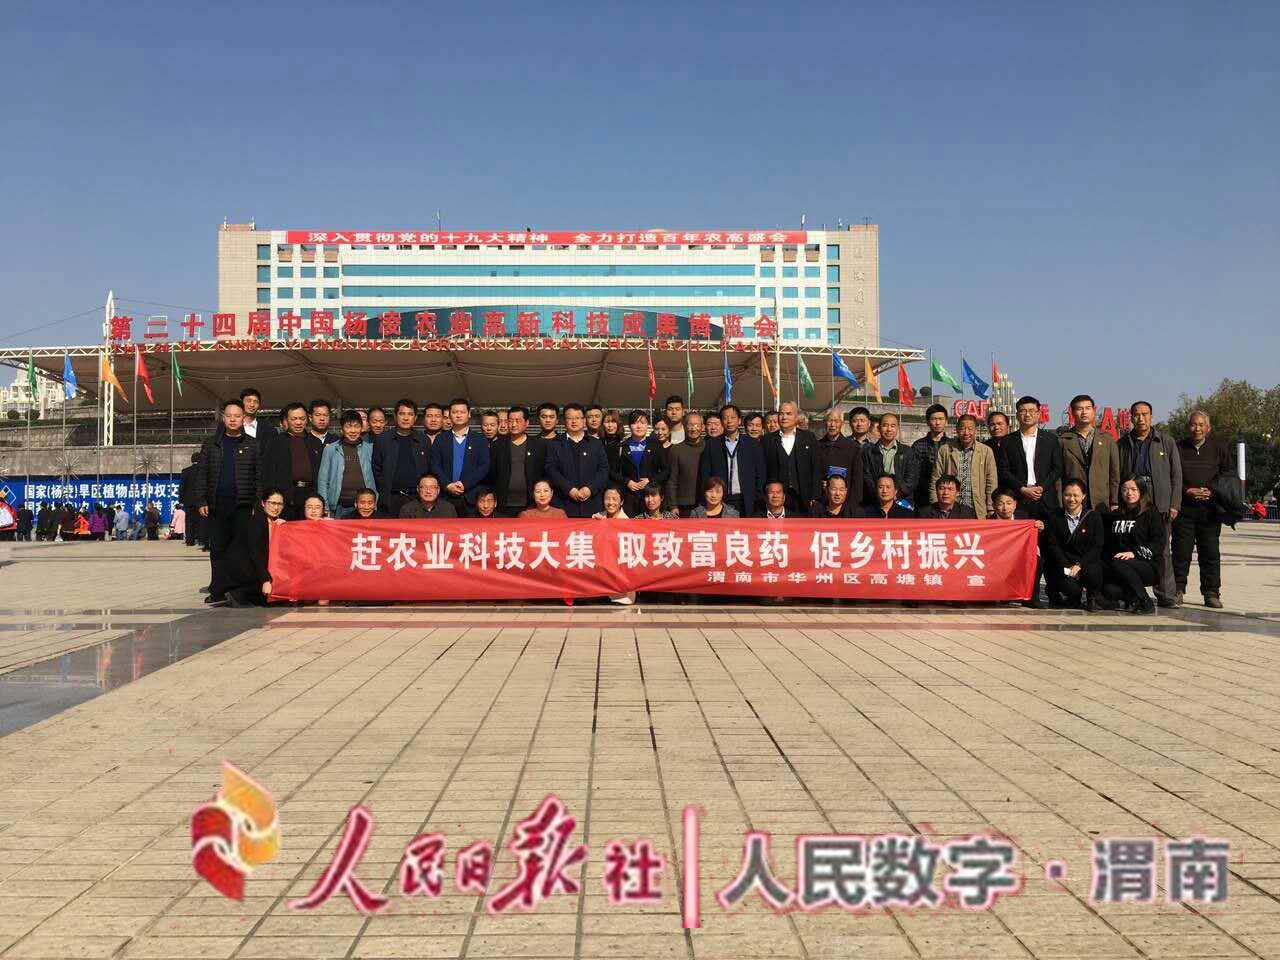 渭南市华州区高塘镇村干部赴杨凌农高会参观学习图片